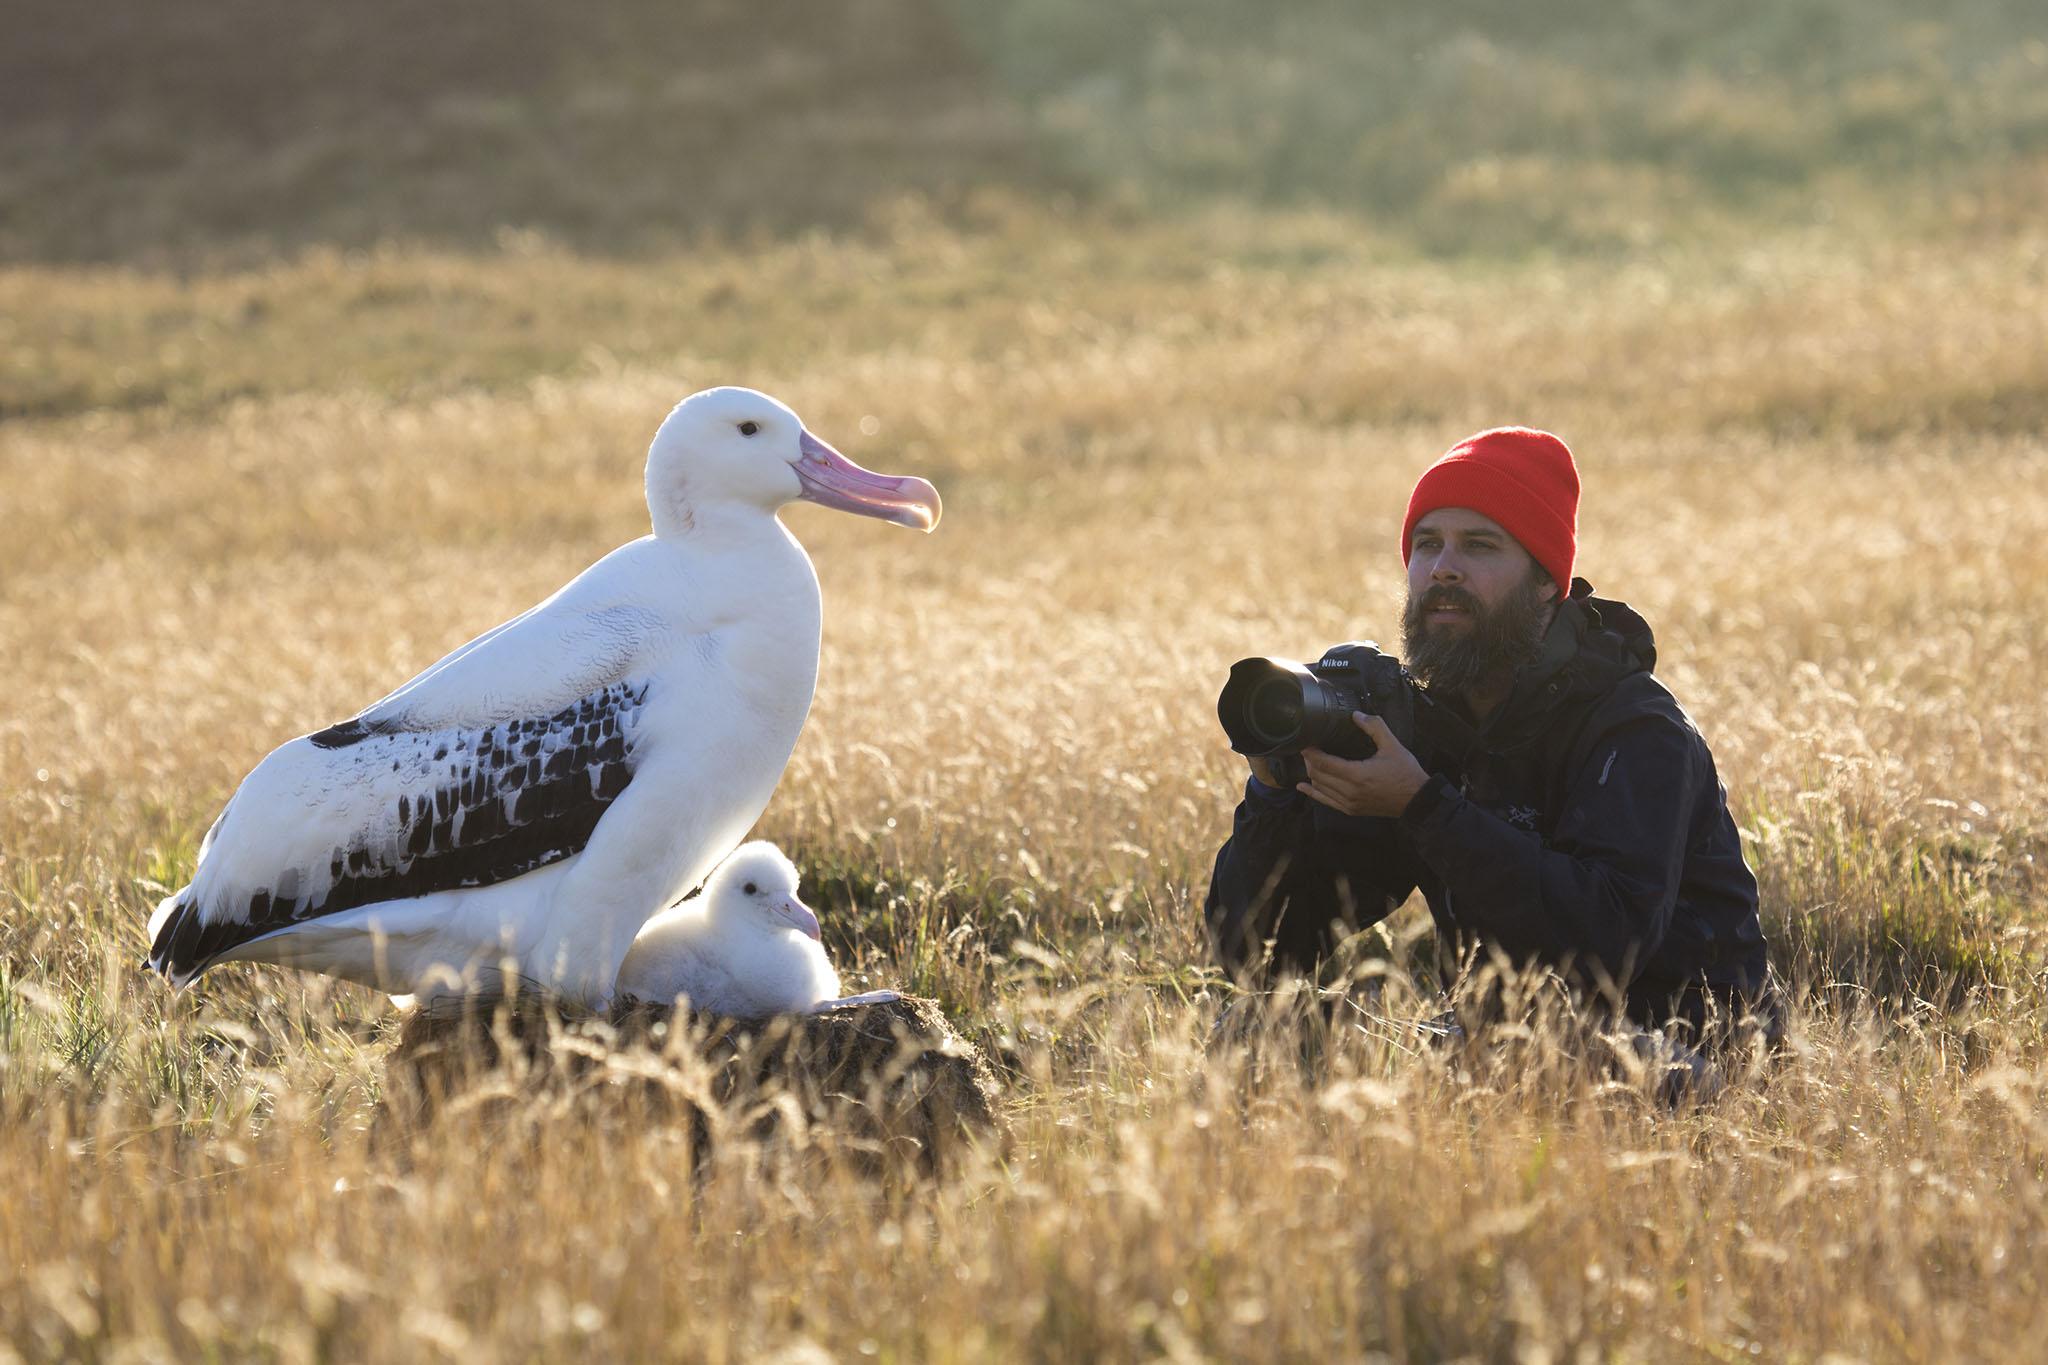 zombie-mouse-marion-island-thomas-peschak-seabirds-otto-whitehead-1.jpg